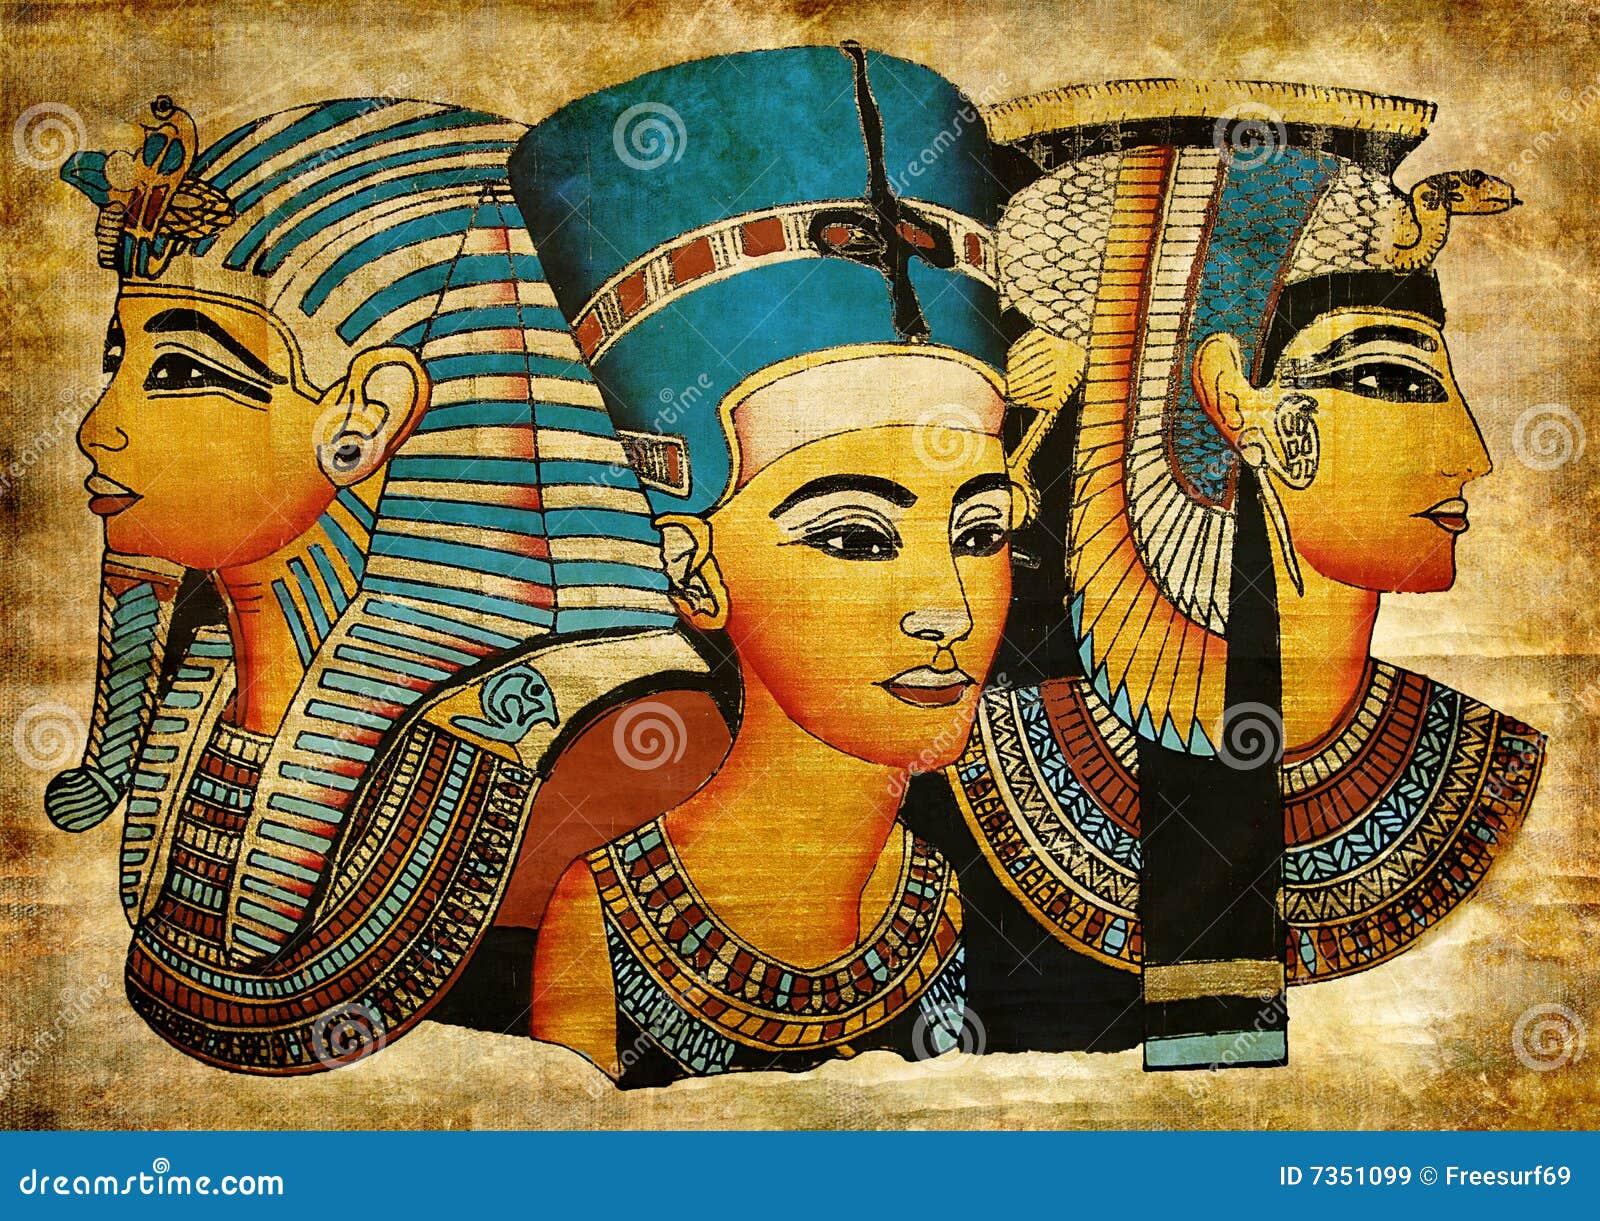 埃及老纸莎草法老王女王/王后-埃及皇后是什么意思 金炫余是埃及皇后图片